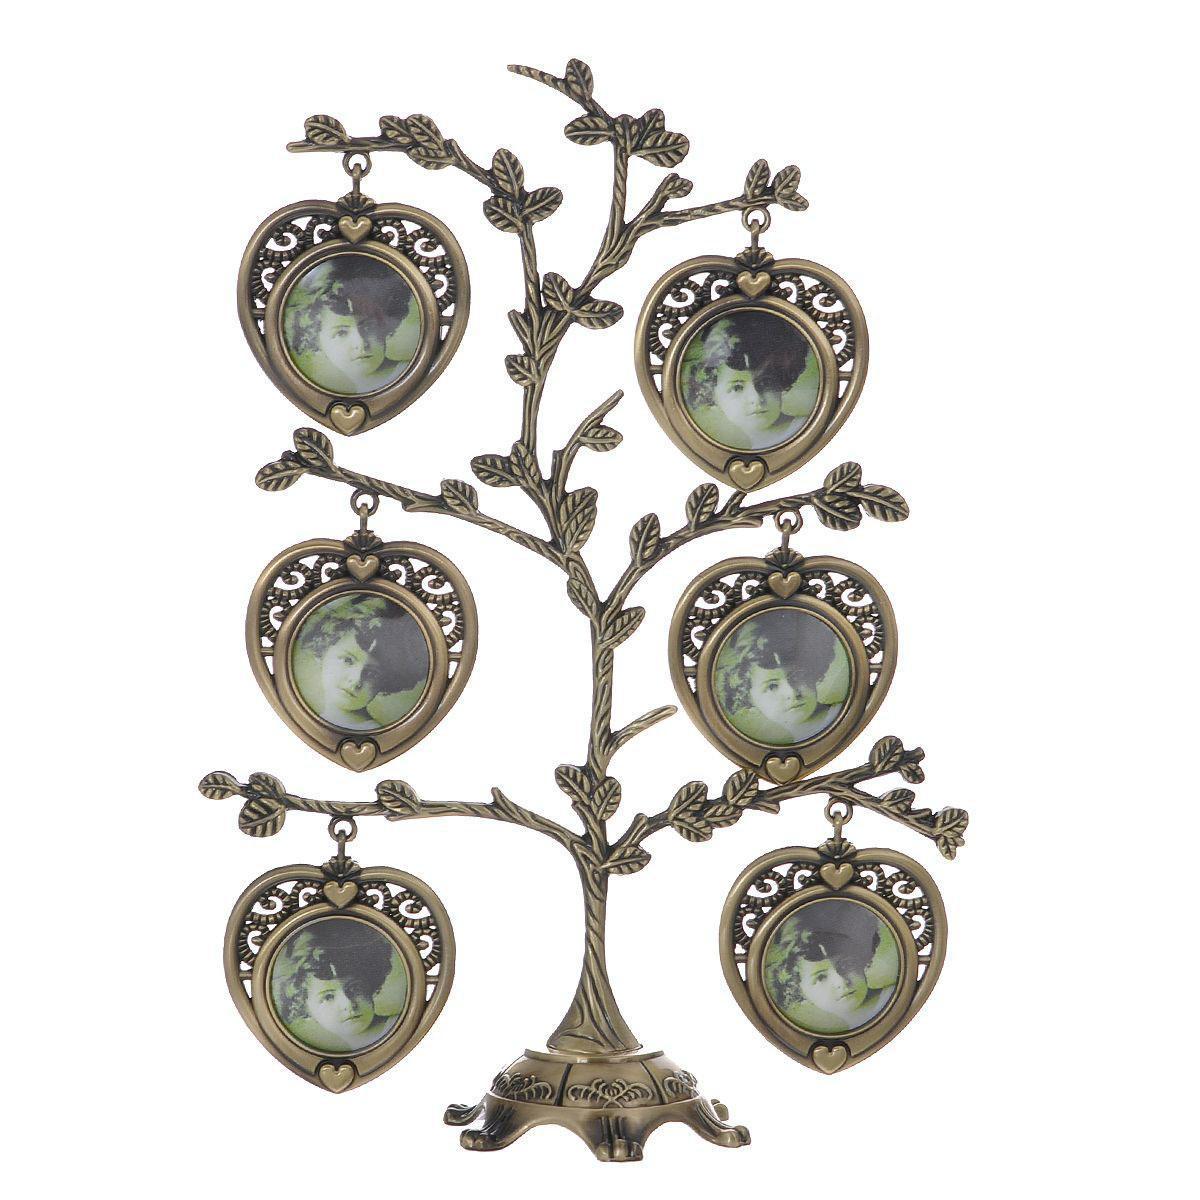 Декоративная фоторамка-дерево Сердце, цвет: бронзовый, на 7 фото, 4 х 4 см 264062300194_фиолетовый/веткаДекоративная фоторамка-дерево Сердце выполнена из сплава цинка бронзового цвета. На подставку в виде деревца подвешиваются семь рамочек в форме сердца, оформленных в ретро-стиле. Изысканная и эффектная, эта потрясающая рамочка покорит своей красотой и изумительным качеством исполнения. Декоративная фоторамка Дерево не только украсит интерьер помещения, но и поможет разместить фото всей вашей семьи. Характеристики:Материал: металл (сплав цинка), пластик. Цвет: бронзовый. Общий размер фоторамки (ШхВ): 17 см х 23 см. Диаметр основания: 7 см. Количество фотографий: 7 шт. Размер фотографий: 4 см х 4 см. Размер упаковки: 21 см х 32,5 см х 4,5 см. Артикул: 264062.